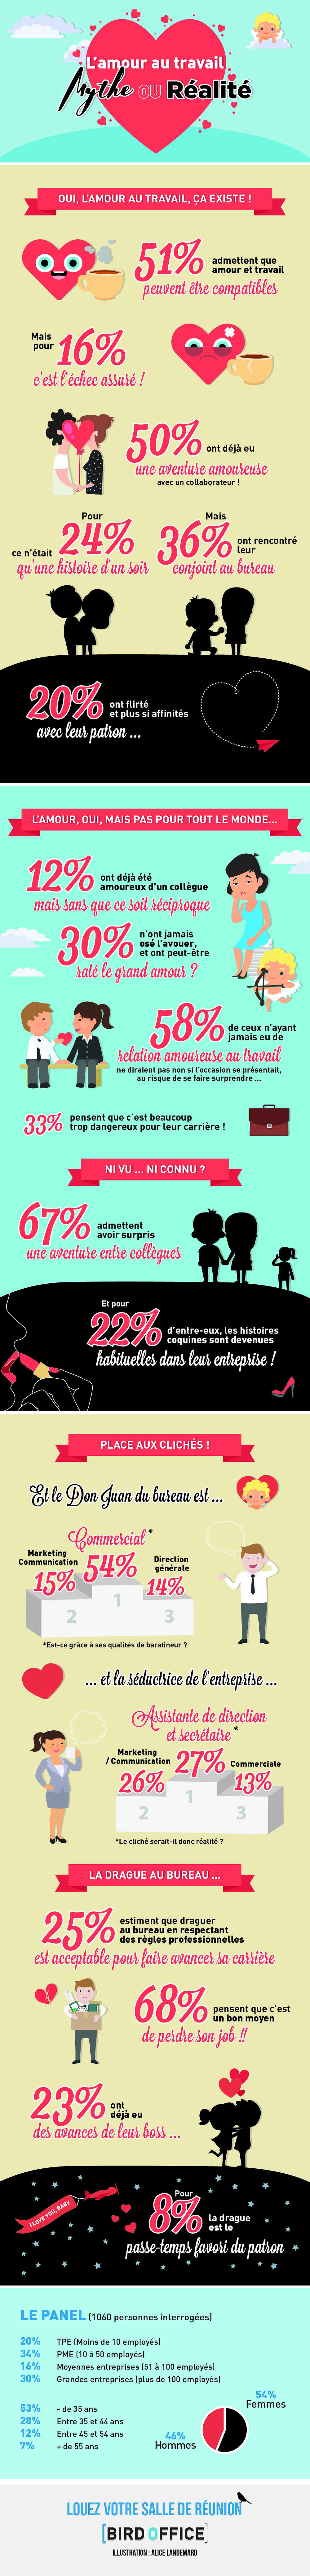 L amours au bureau est ce un mythe ou une réalité ? En visitant nos centres d'affaires à Grenoble vous tomberez amoureux de nos espaces sans aucun doute